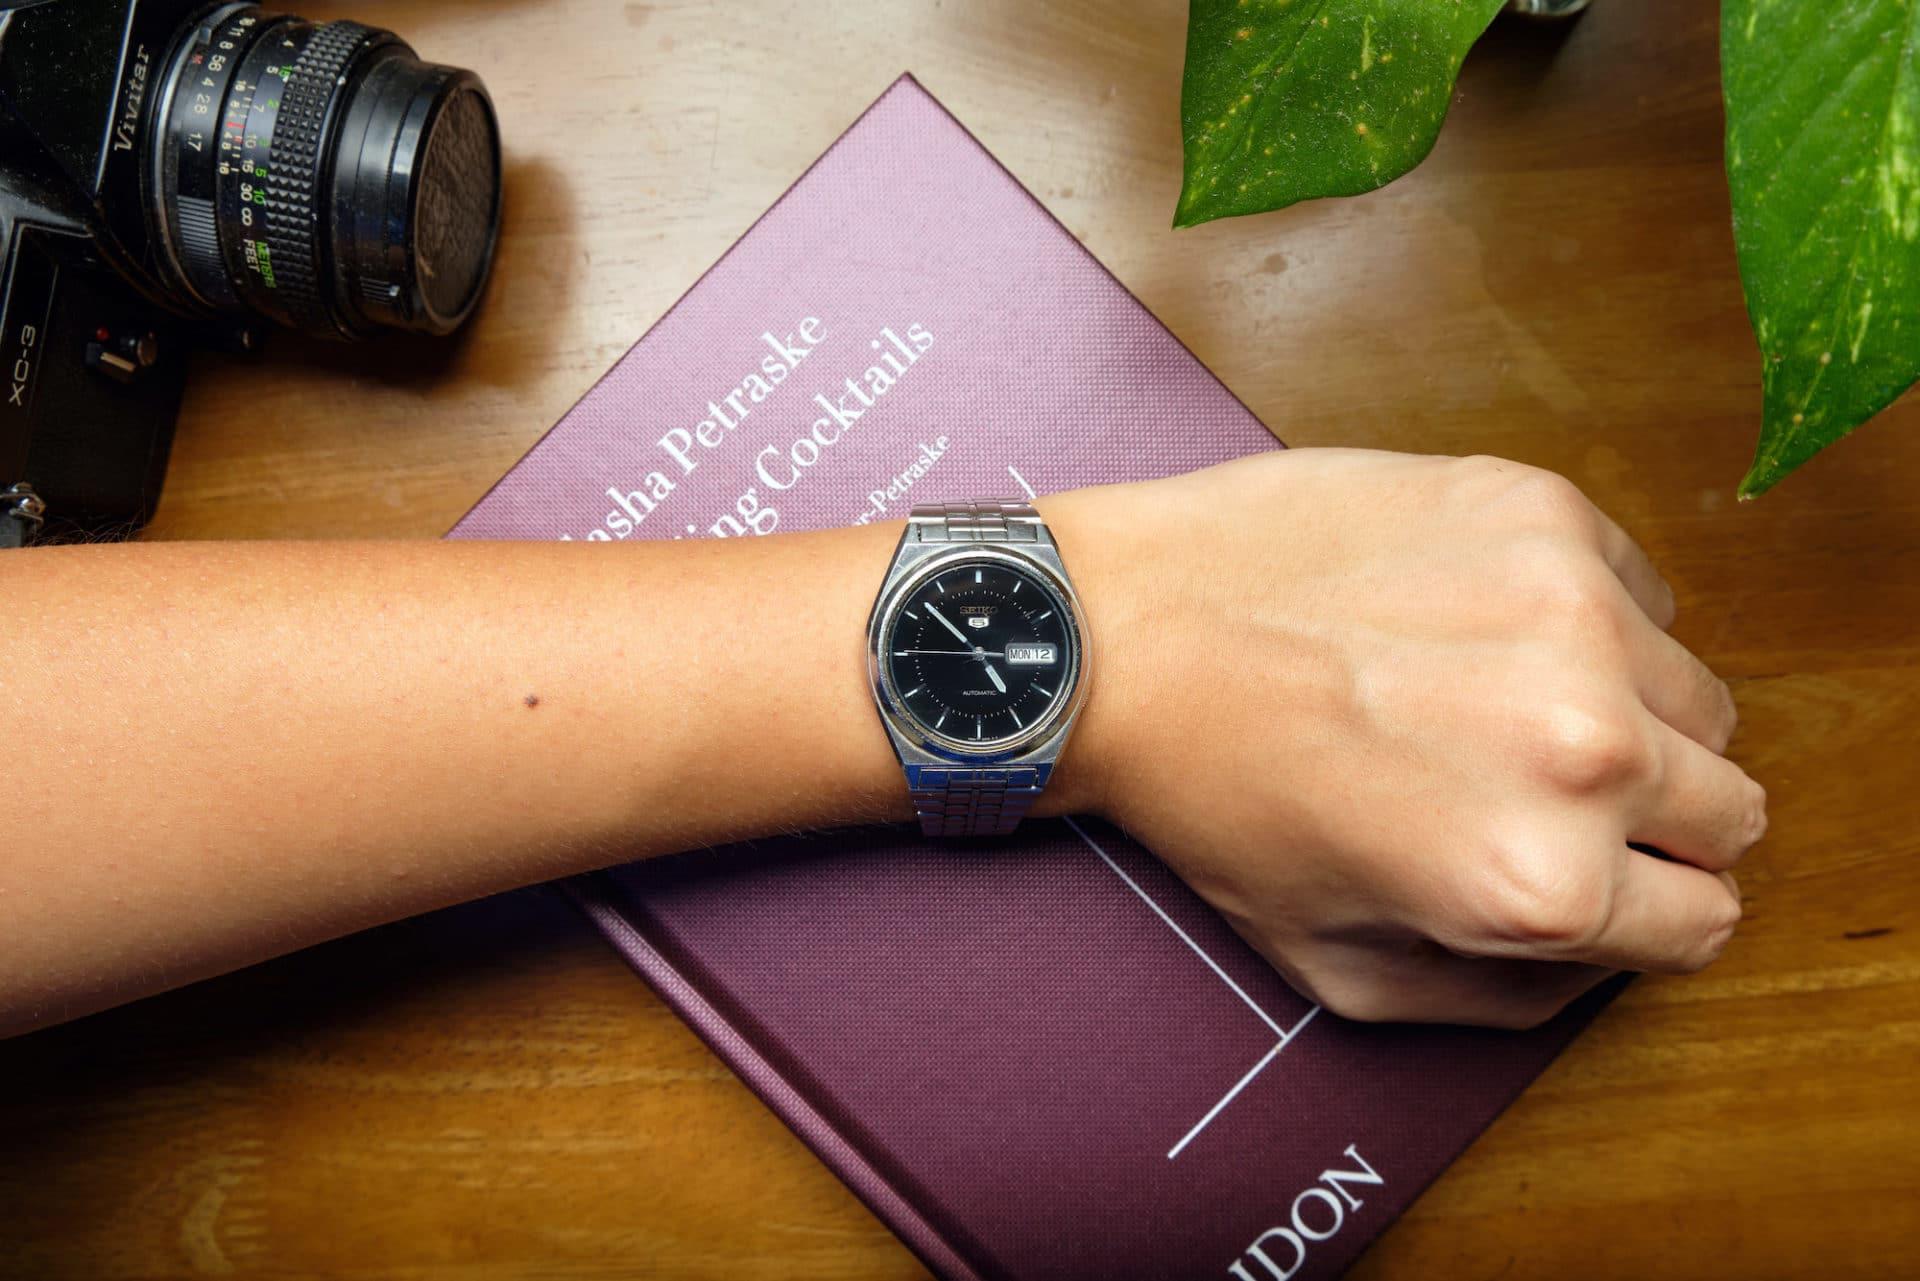 Seiko SKXG67 on wrist